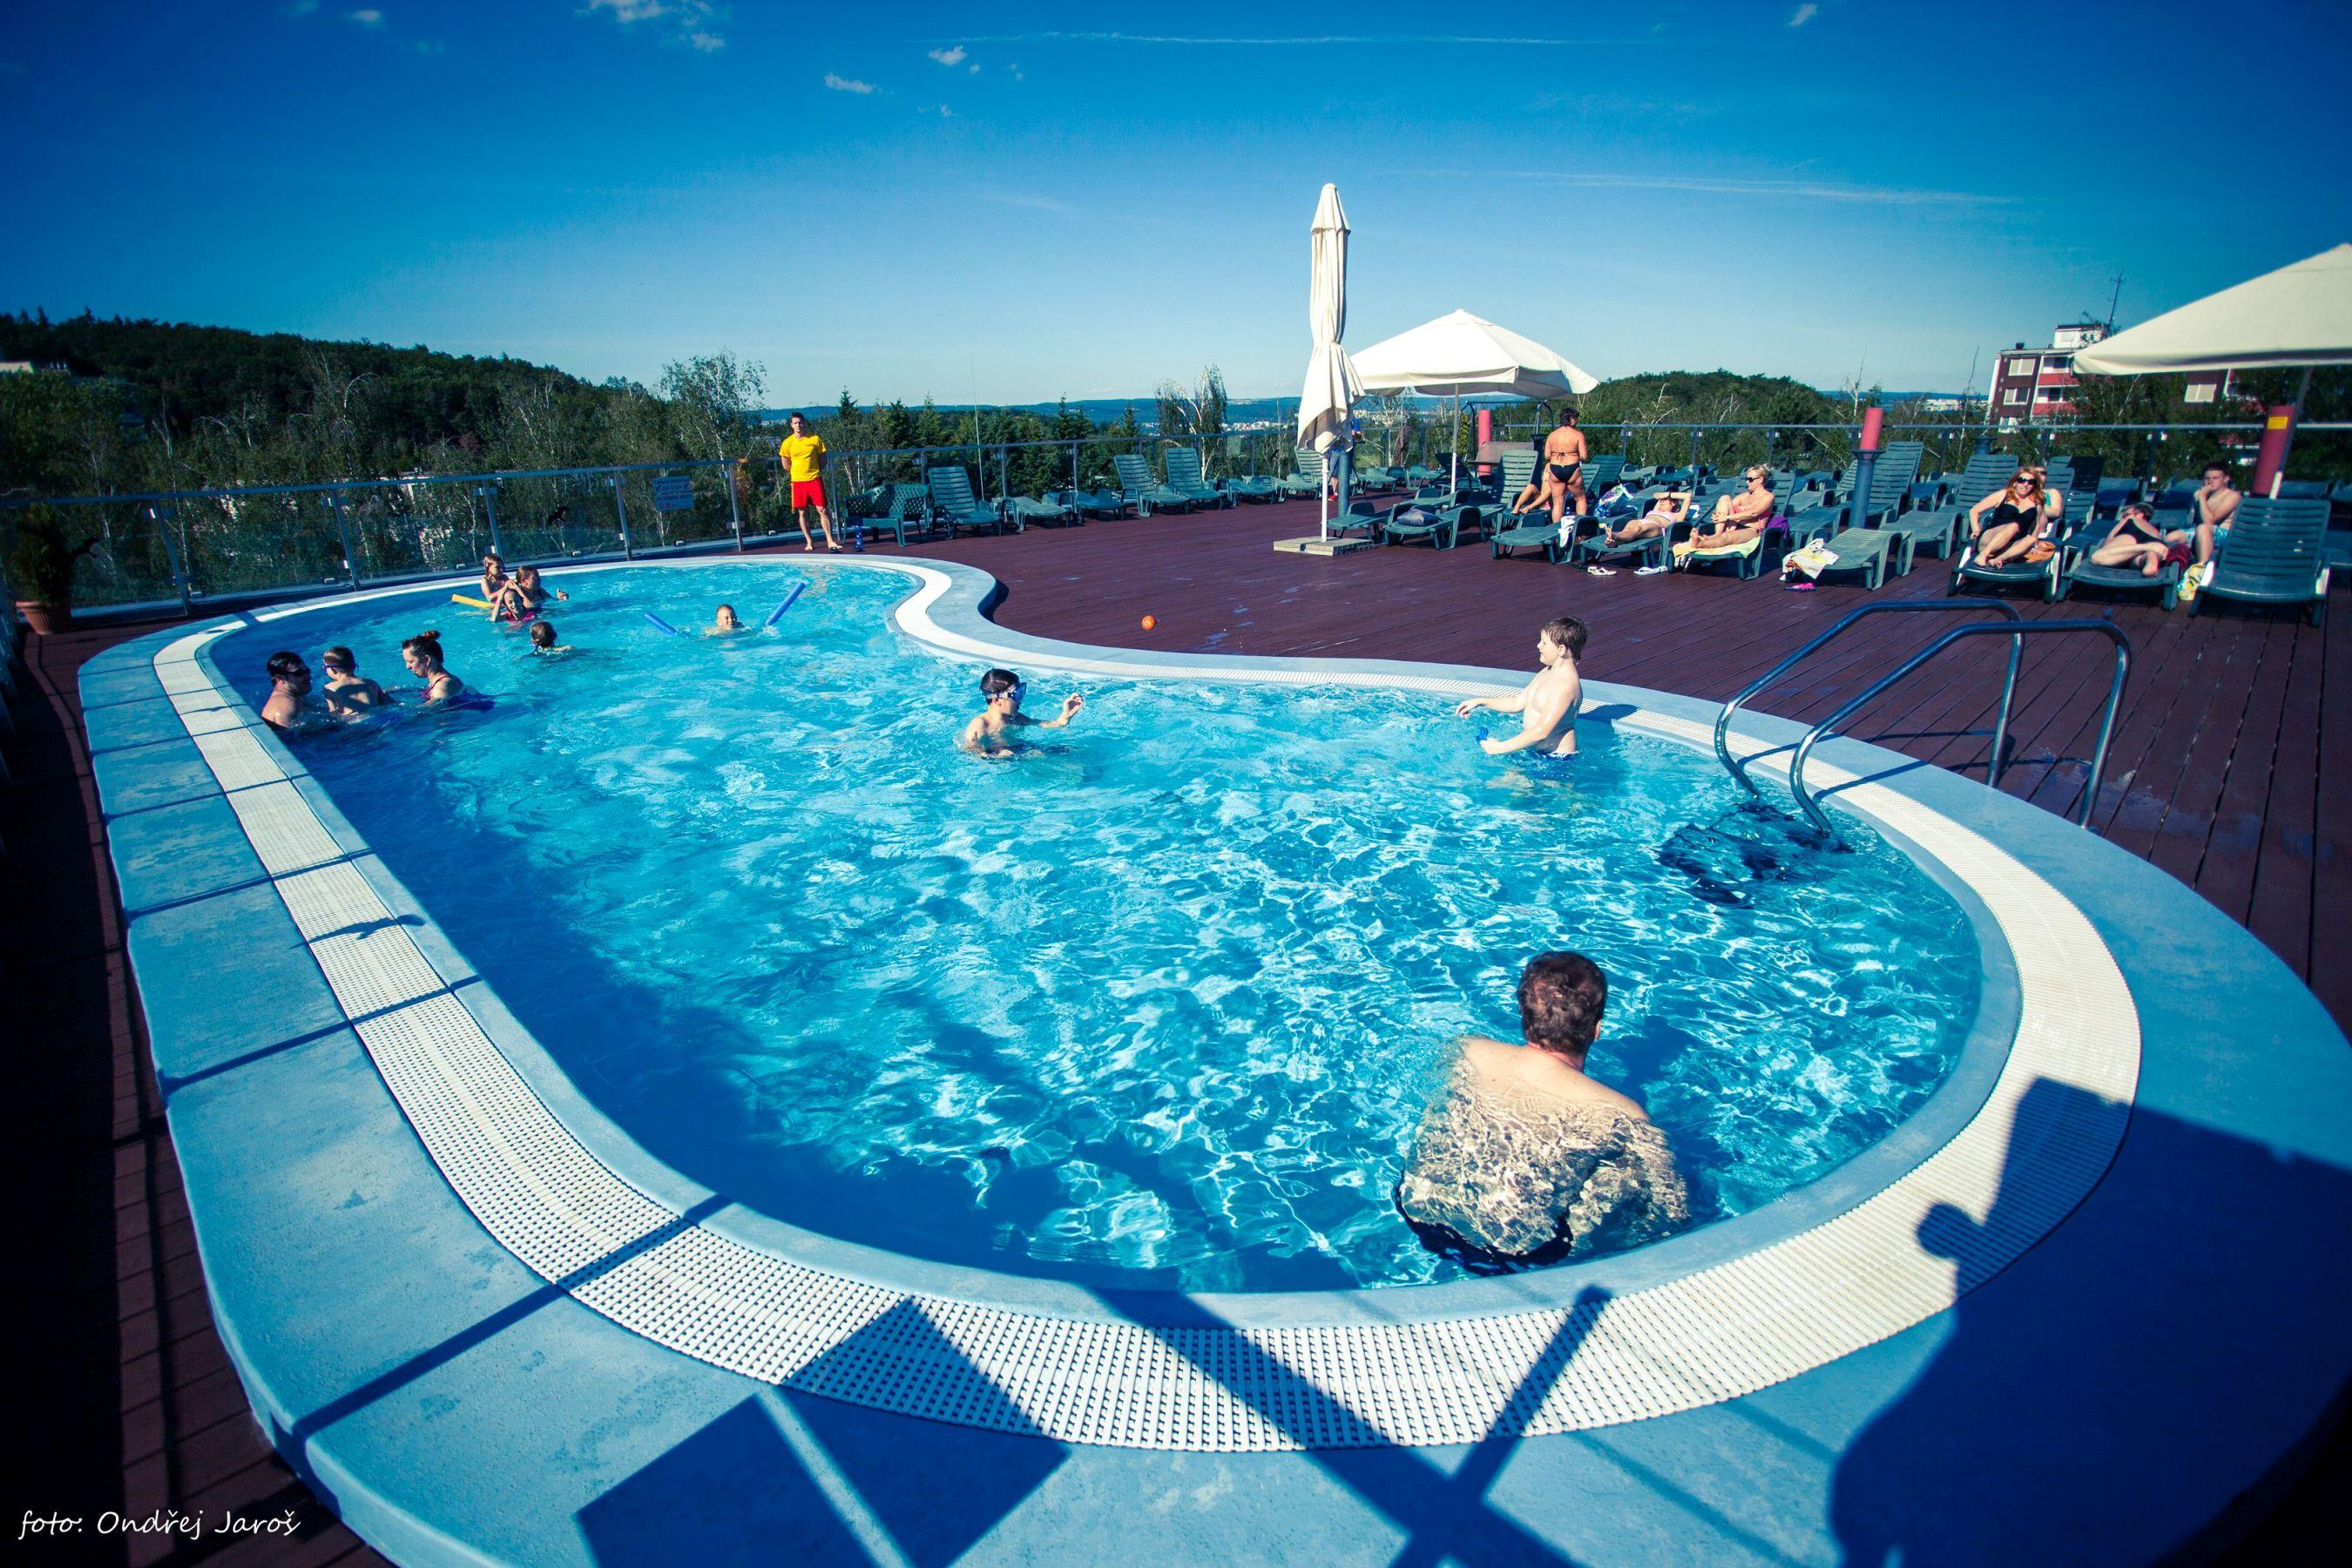 Kohoutovice Waterpark in Brno